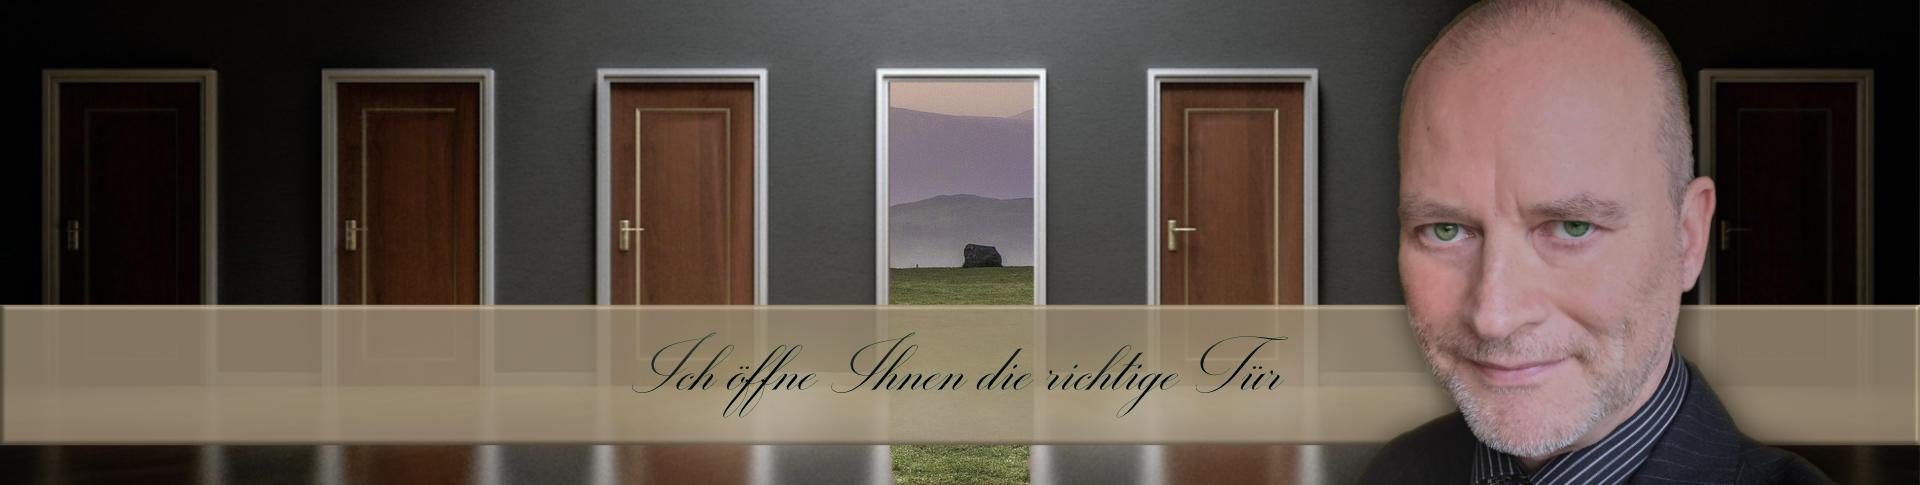 Ich öffne Ihnen die richtige Tür